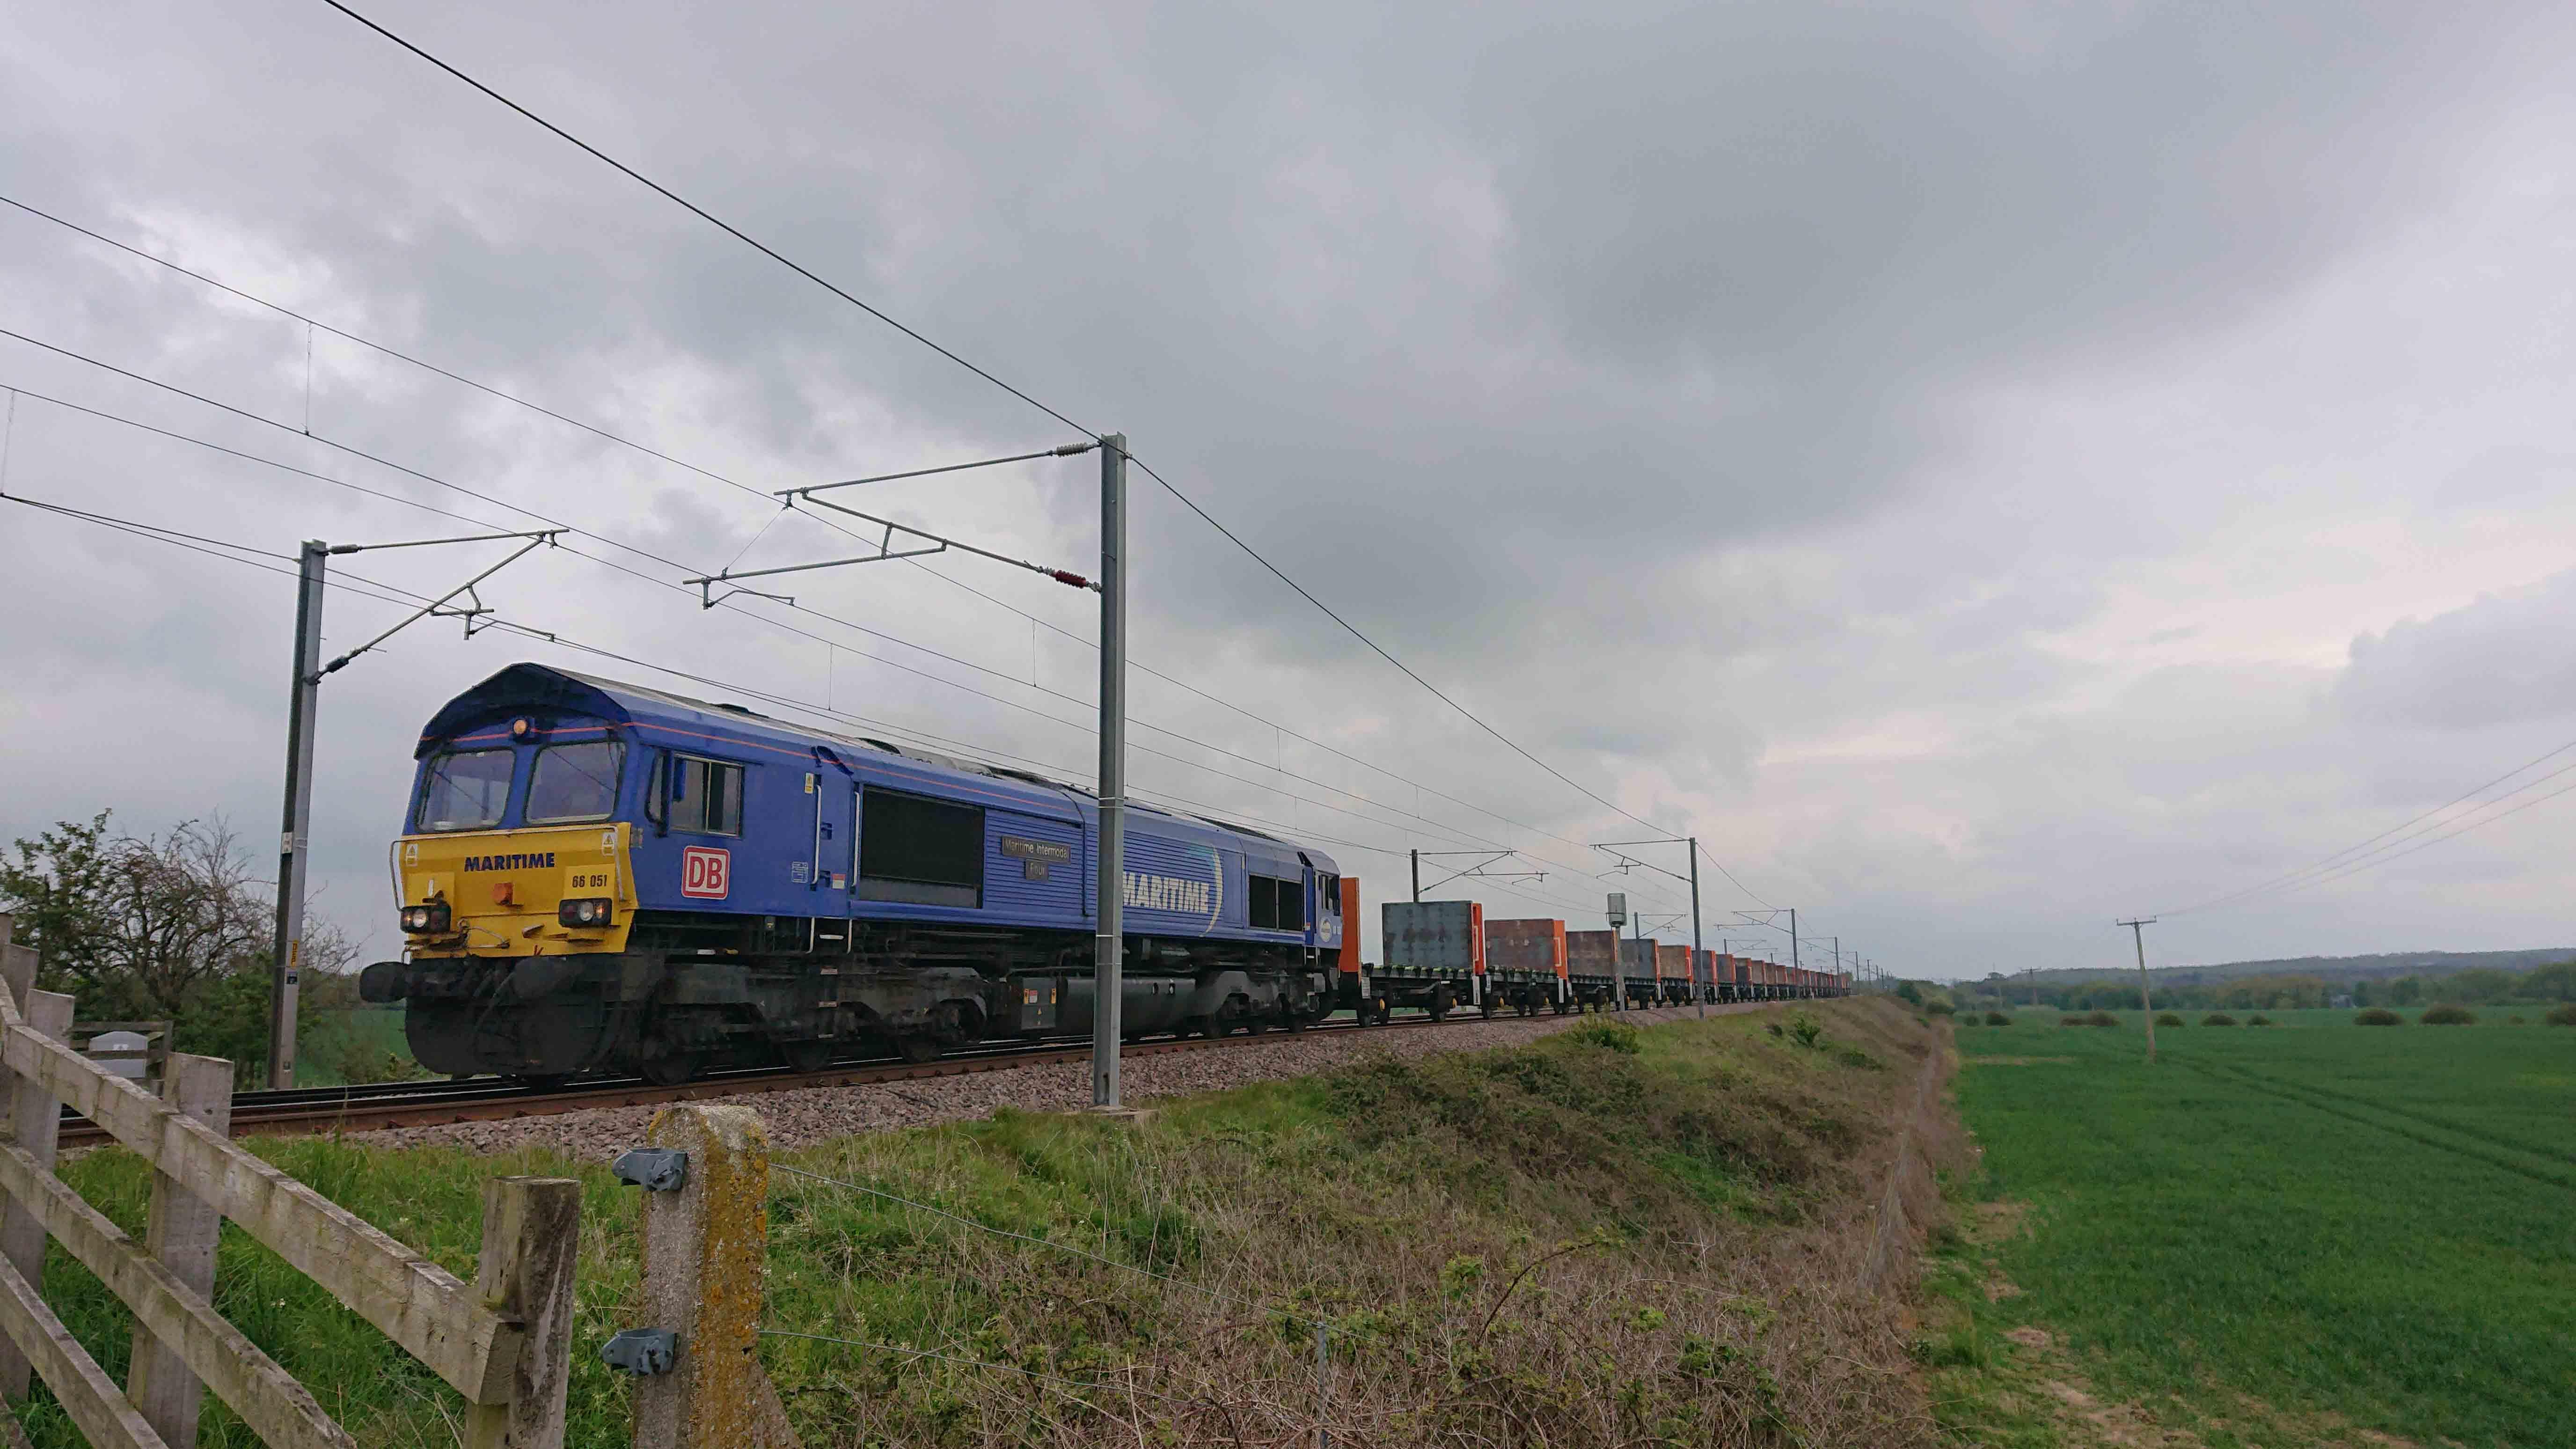 024-405N-Class-66-Maritime-Biggleswade-Plasmor-Heck-Plasmor-P-S